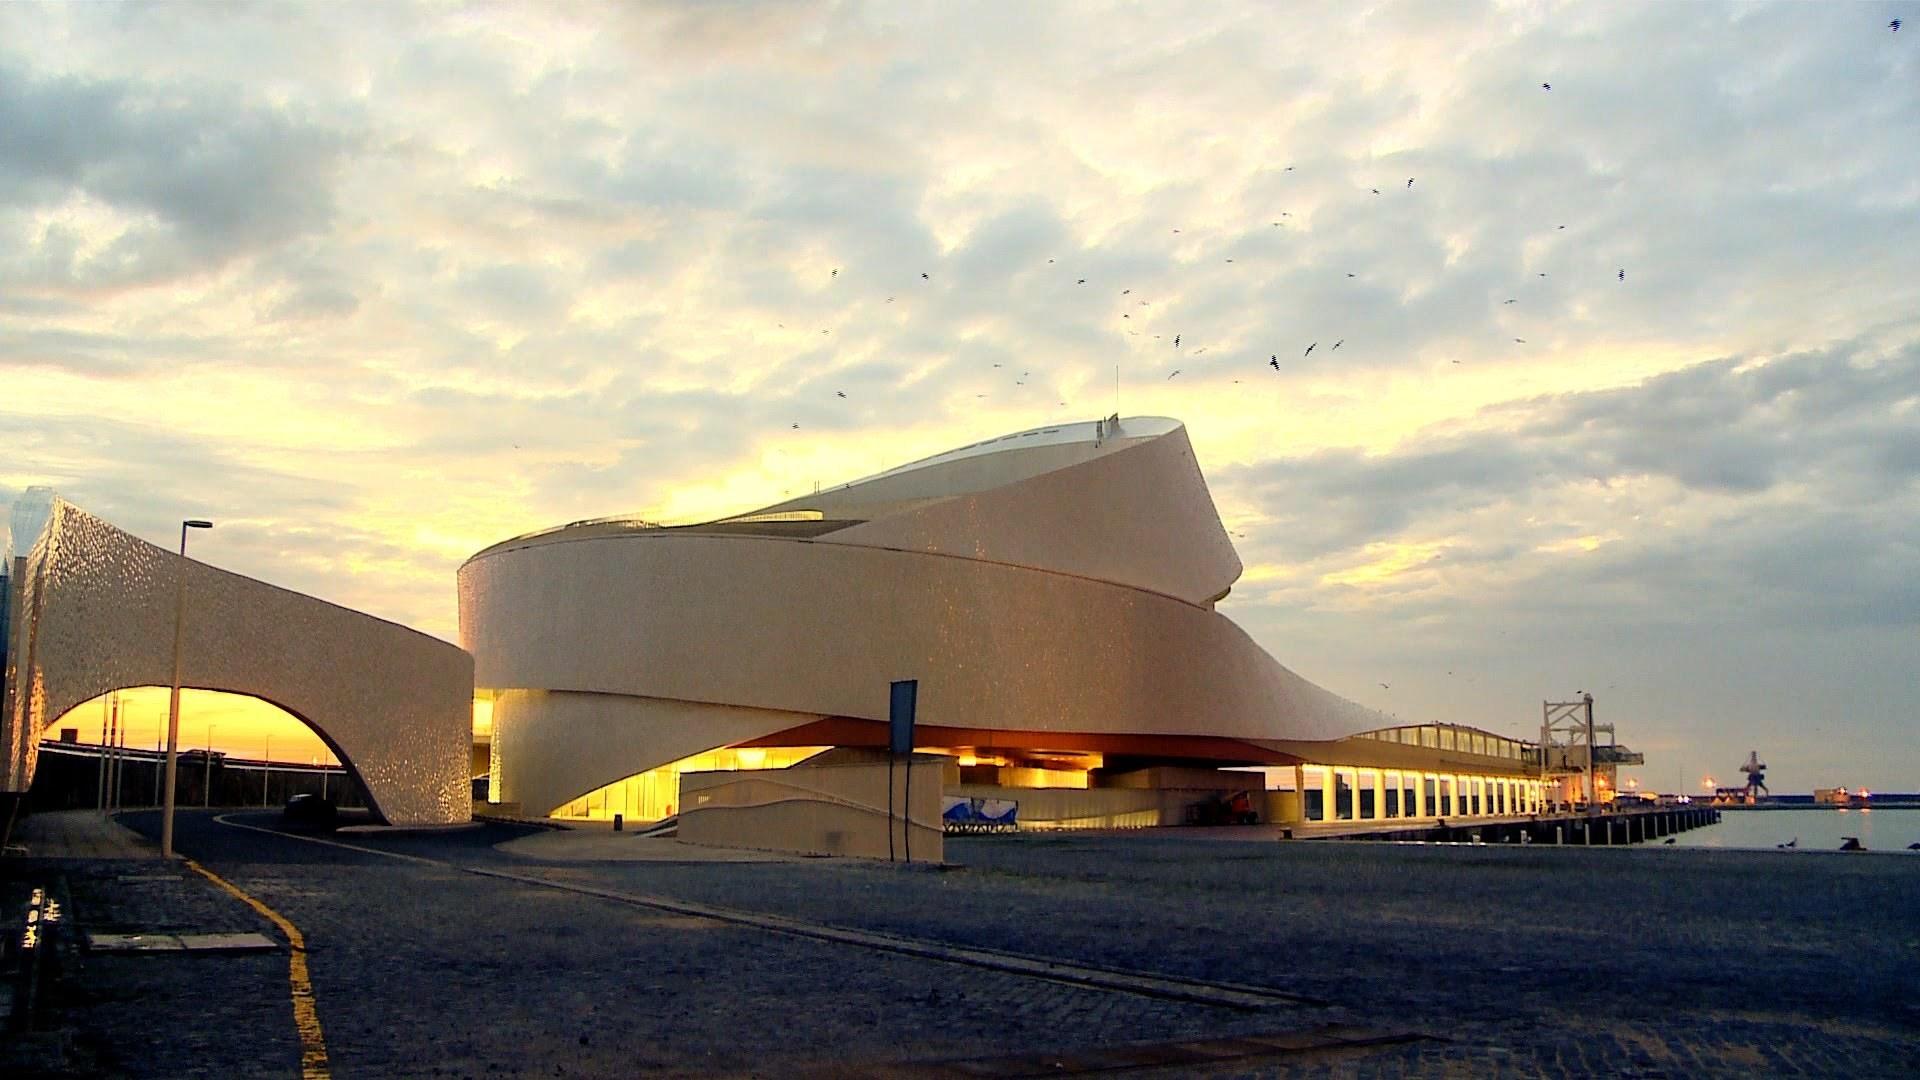 terminal de cruzeiros de leixões Terminal de Cruzeiros de Leixões is a masterpiece of architecture Terminal de Cruzeiros de Leix  es 2